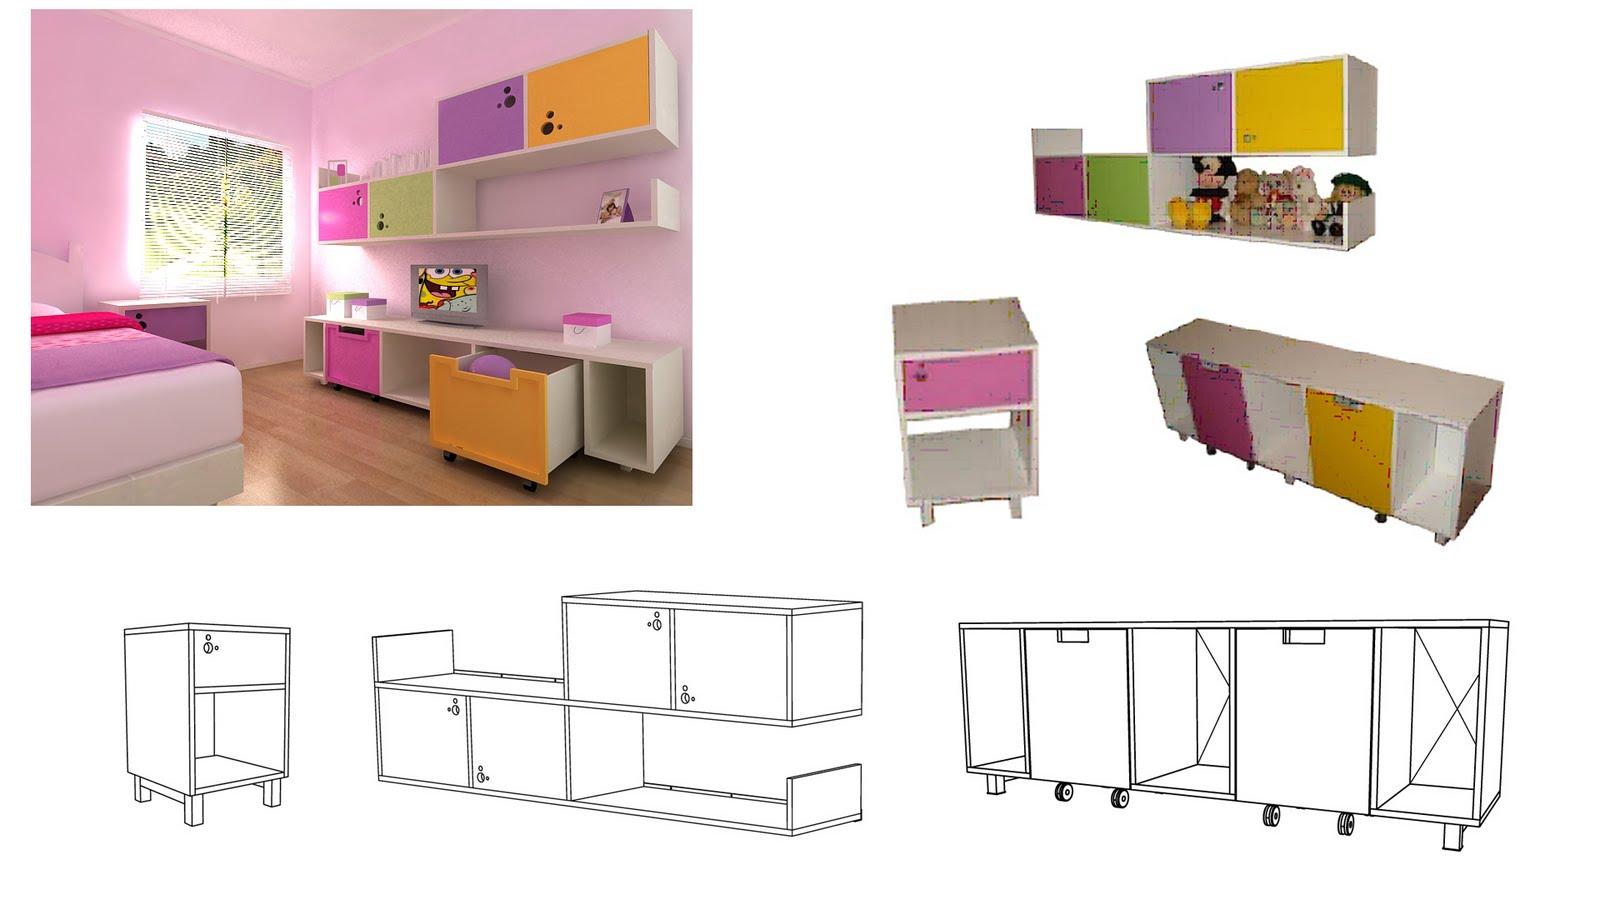 Portafolio muebles infantiles for Mueble organizador infantil